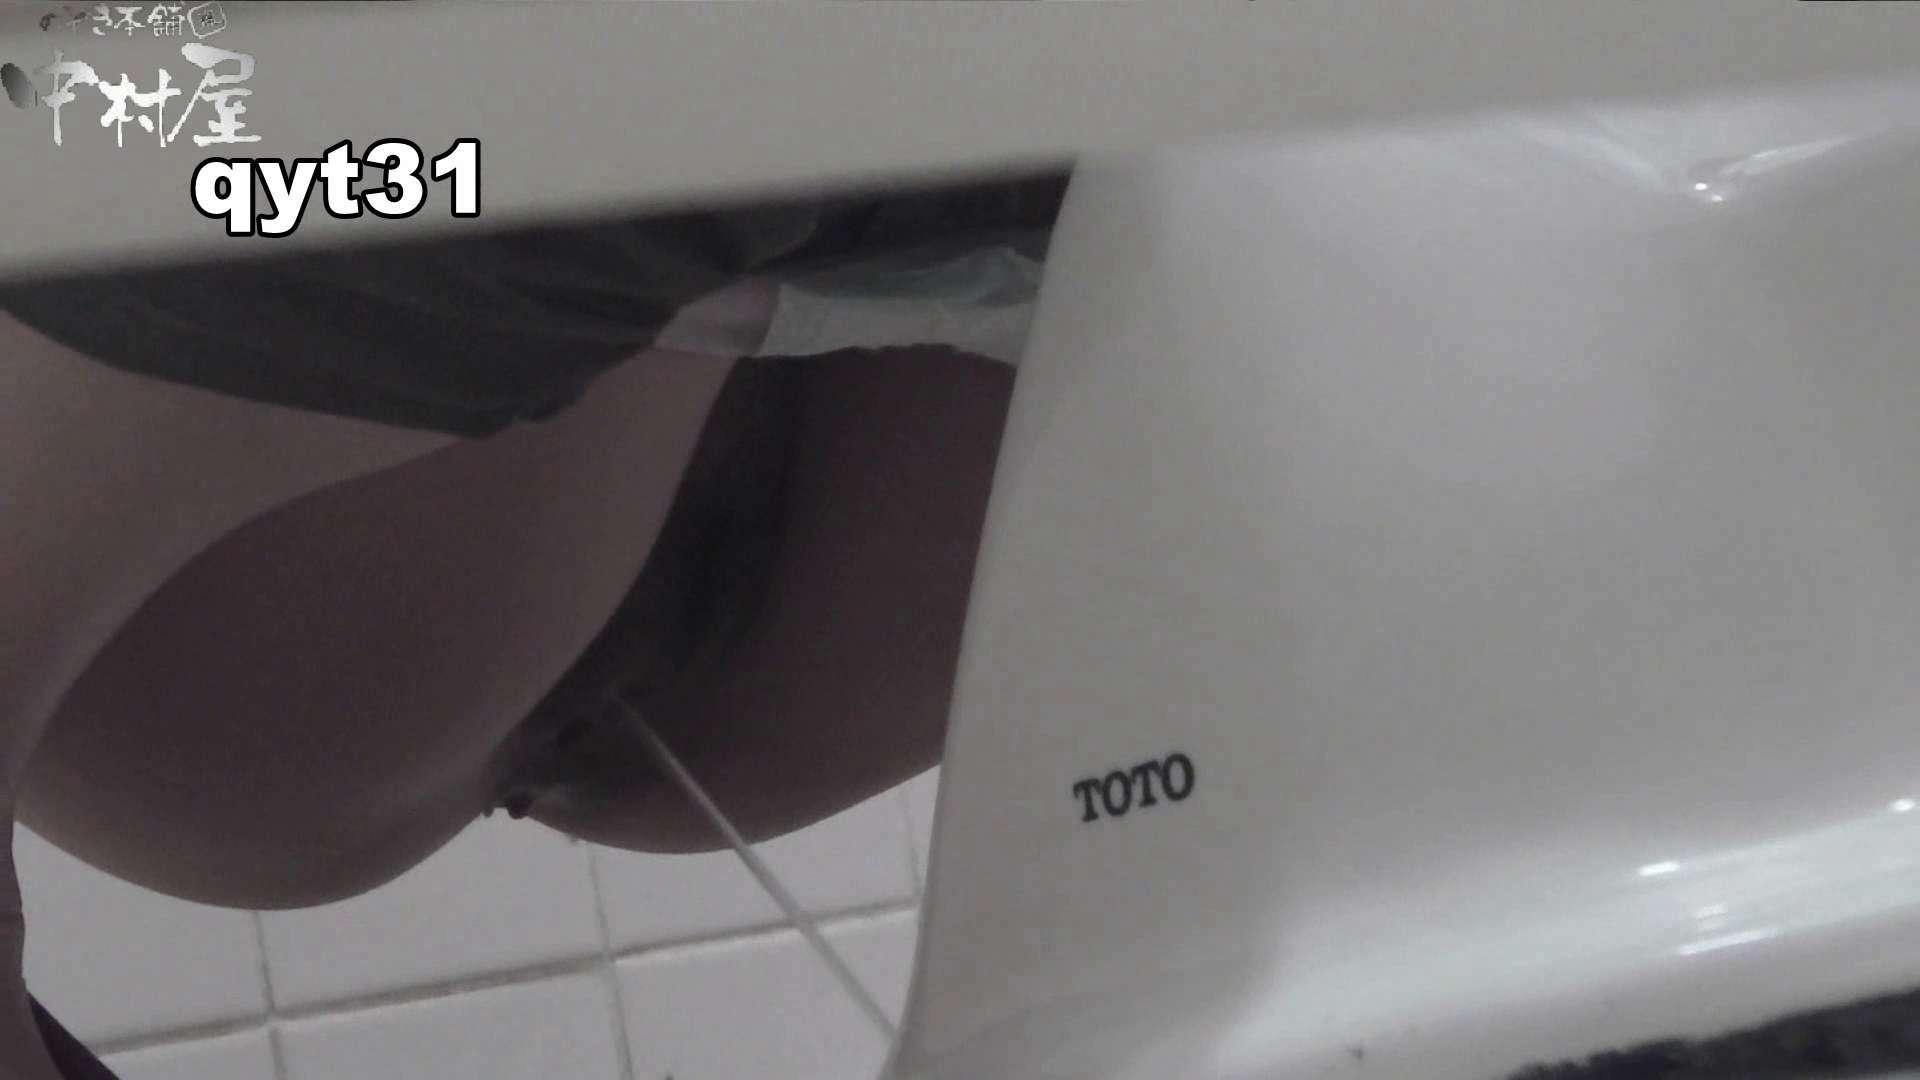 【お銀さんの「洗面所突入レポート!!」】お銀さんの「洗面所突入レポート!!」 vol.31 Σ(||゚Д゚)ヒィ~!! 洗面所 | 綺麗なOLたち  71枚 25